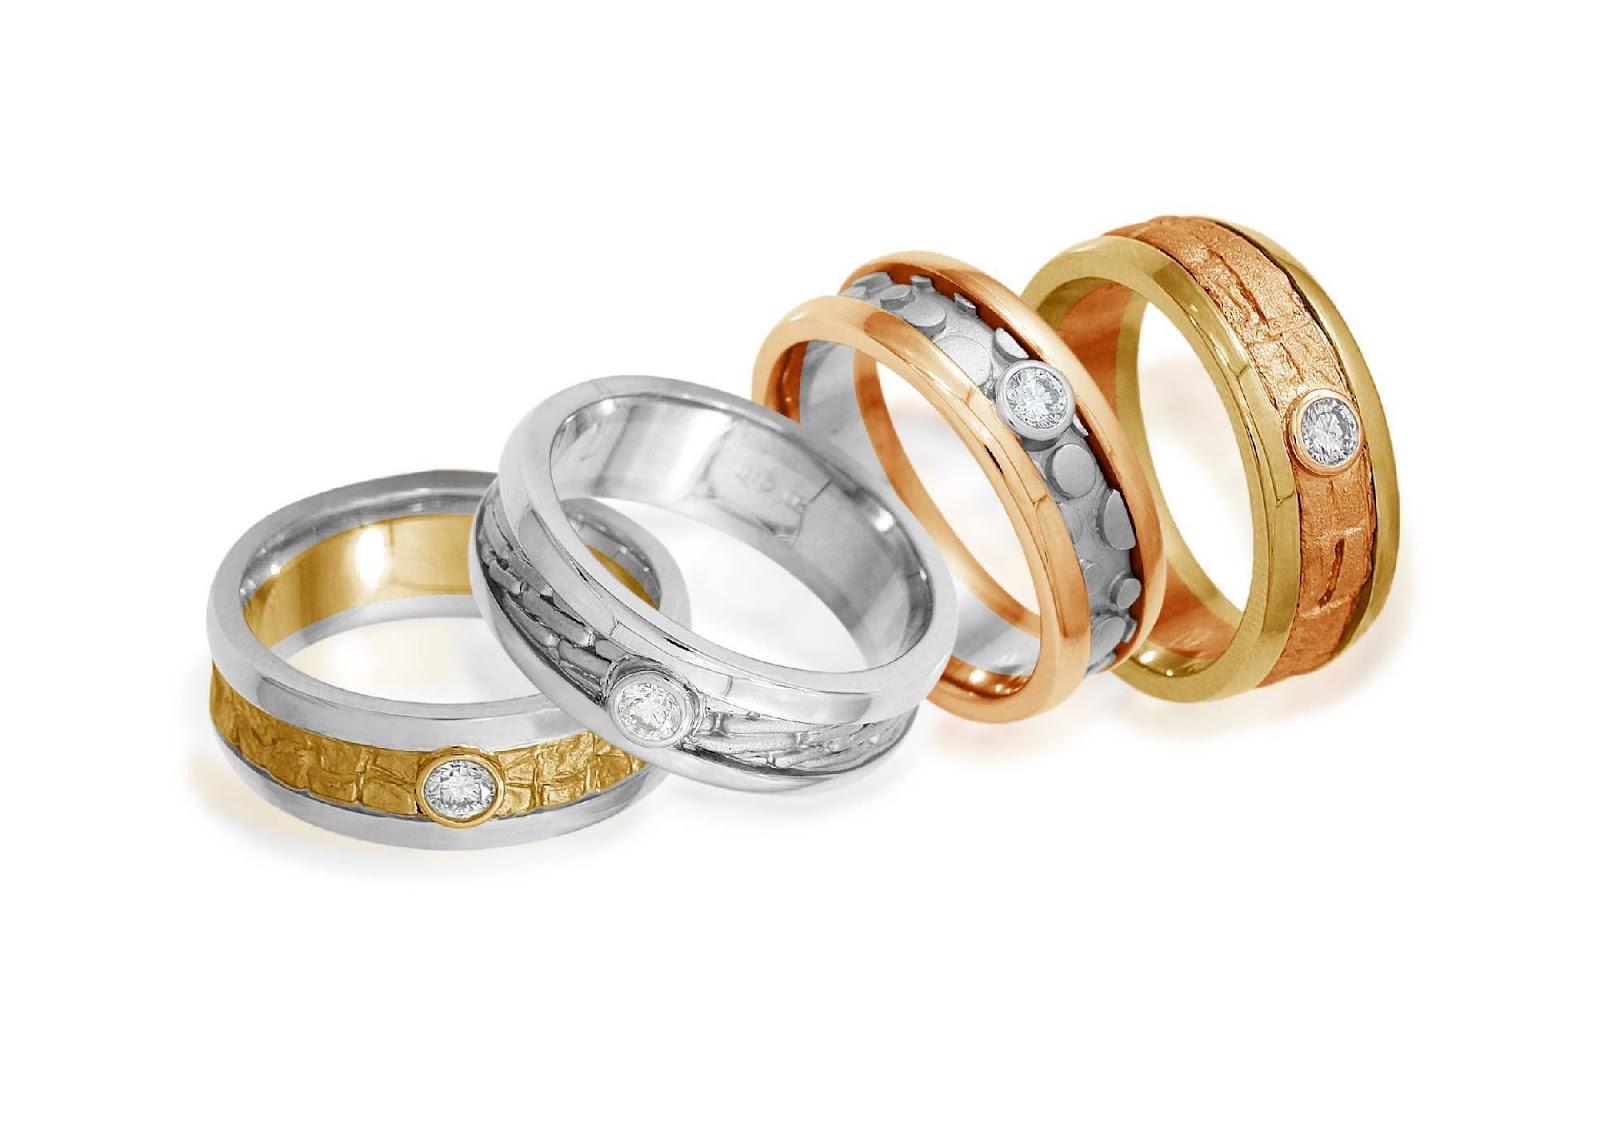 Обручальные кольца с камнями: топ-5 камней для обручальных колец